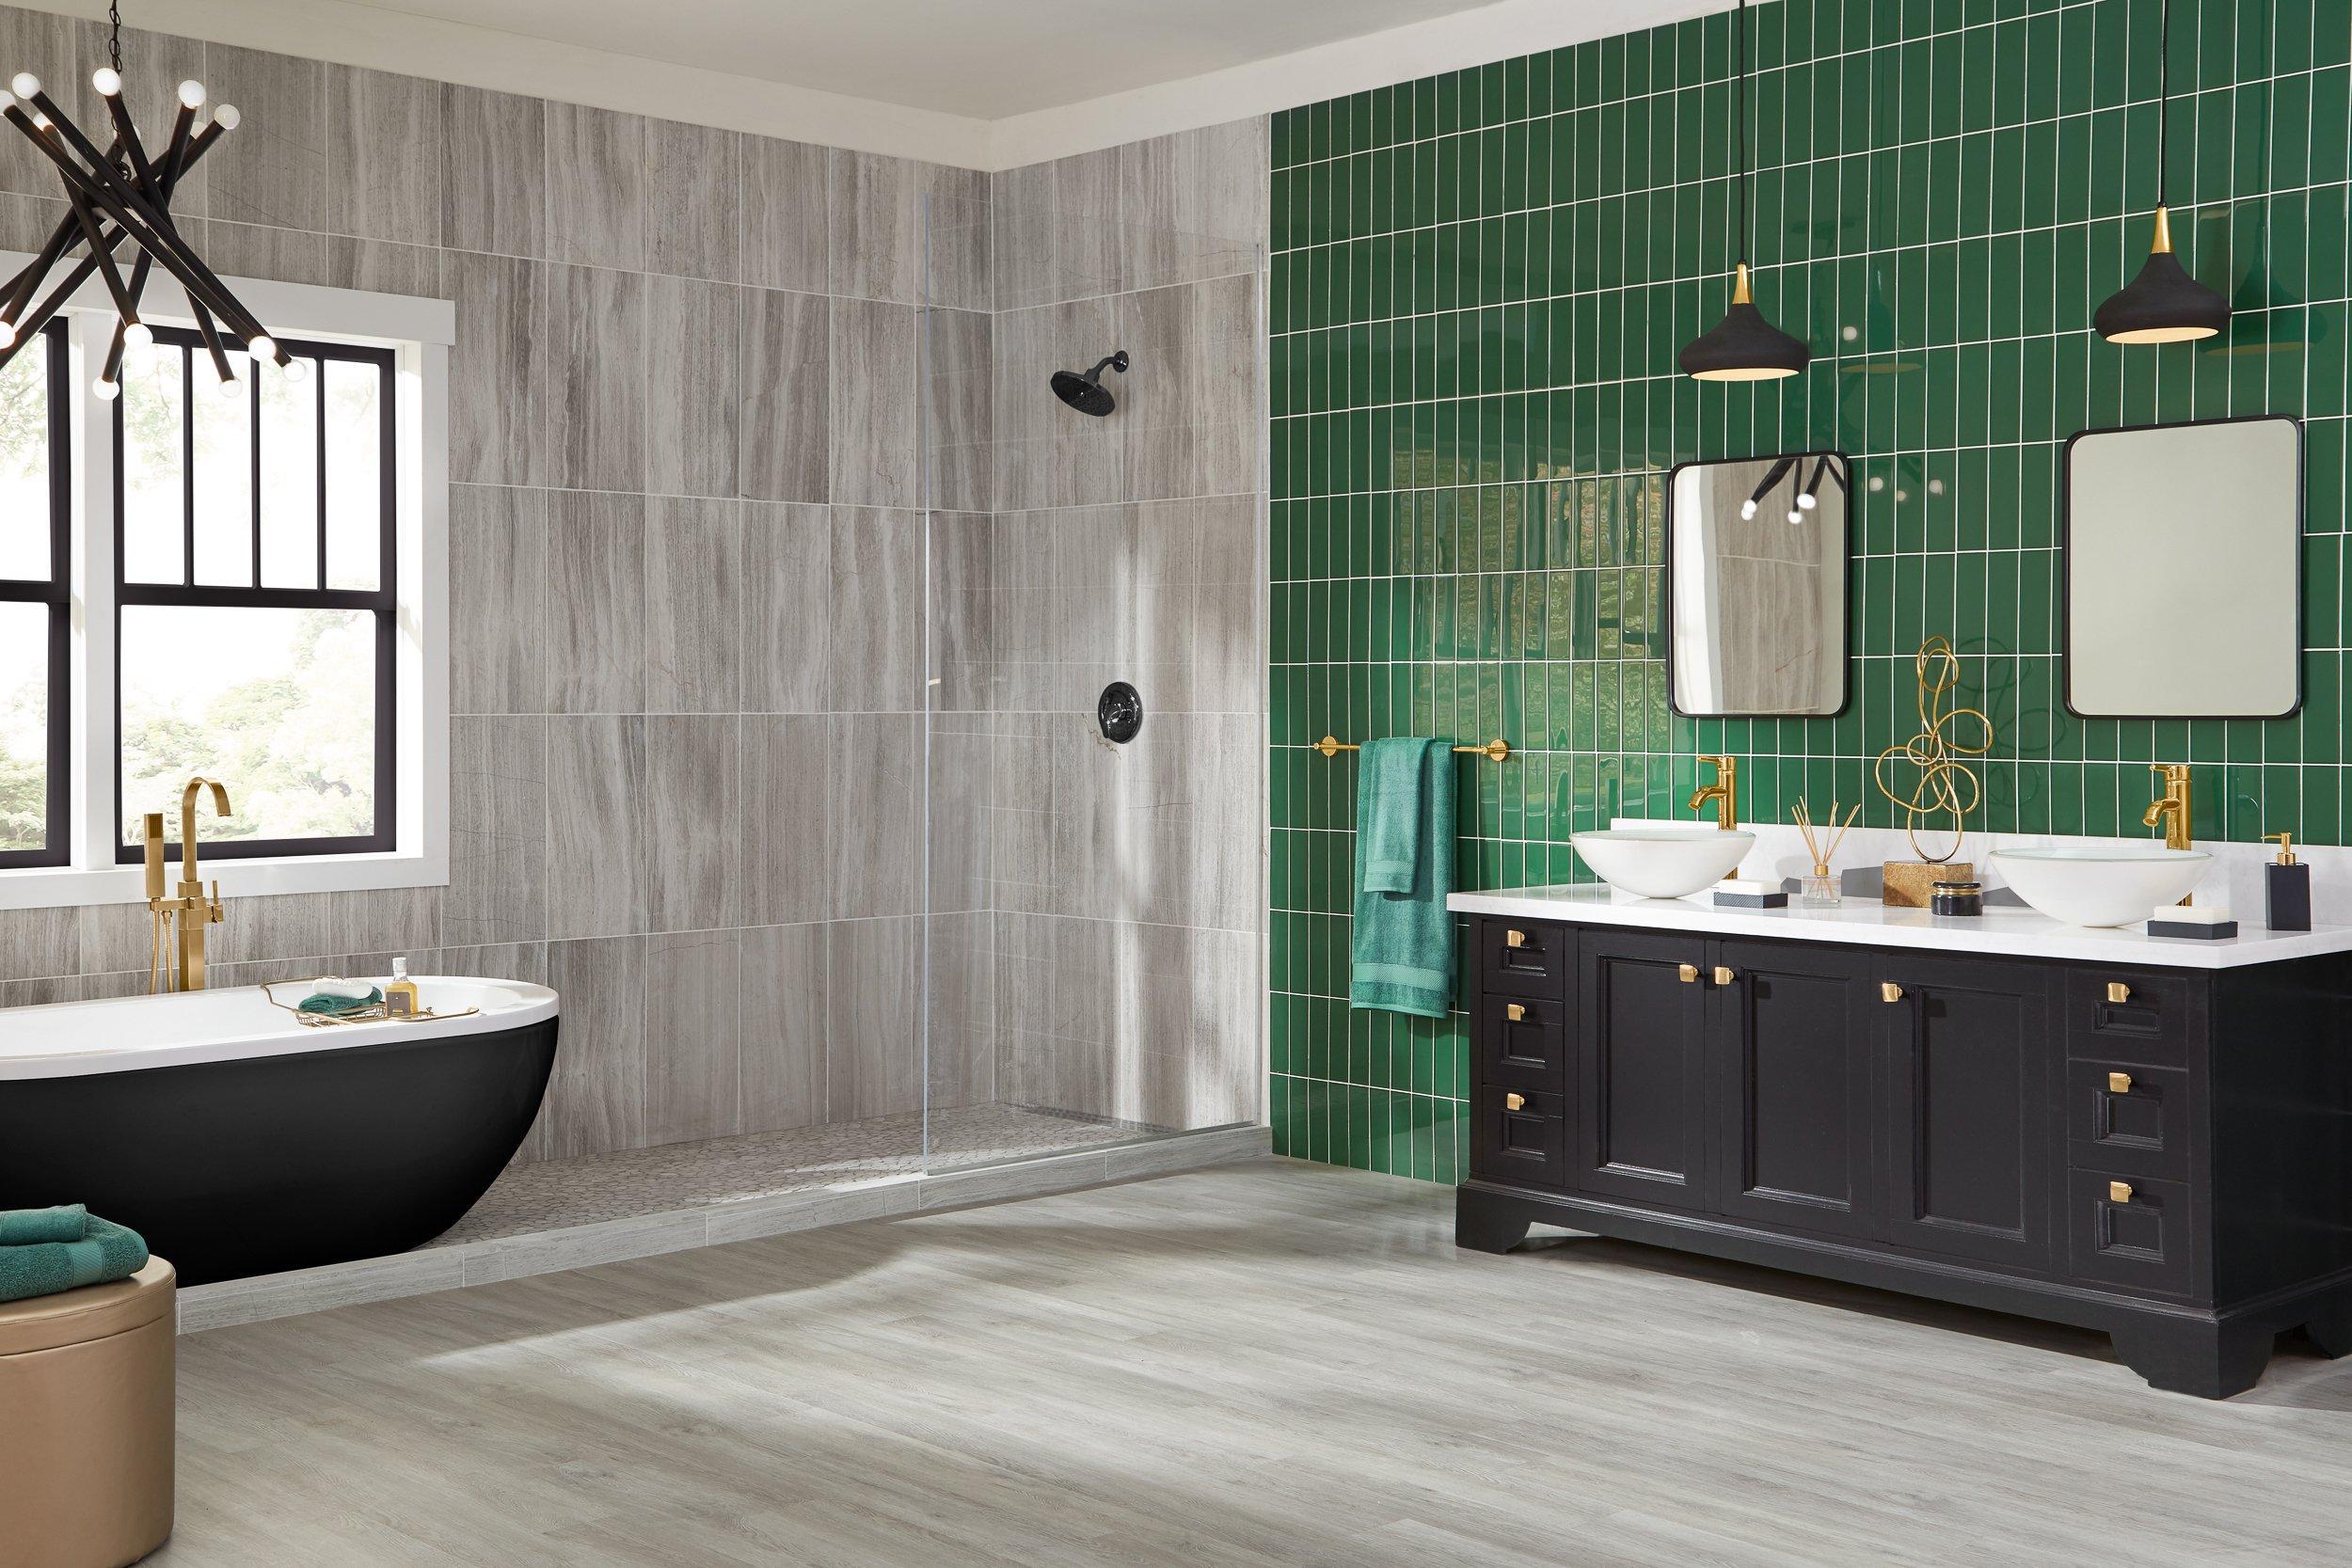 Bathroom Gallery Floor Decor